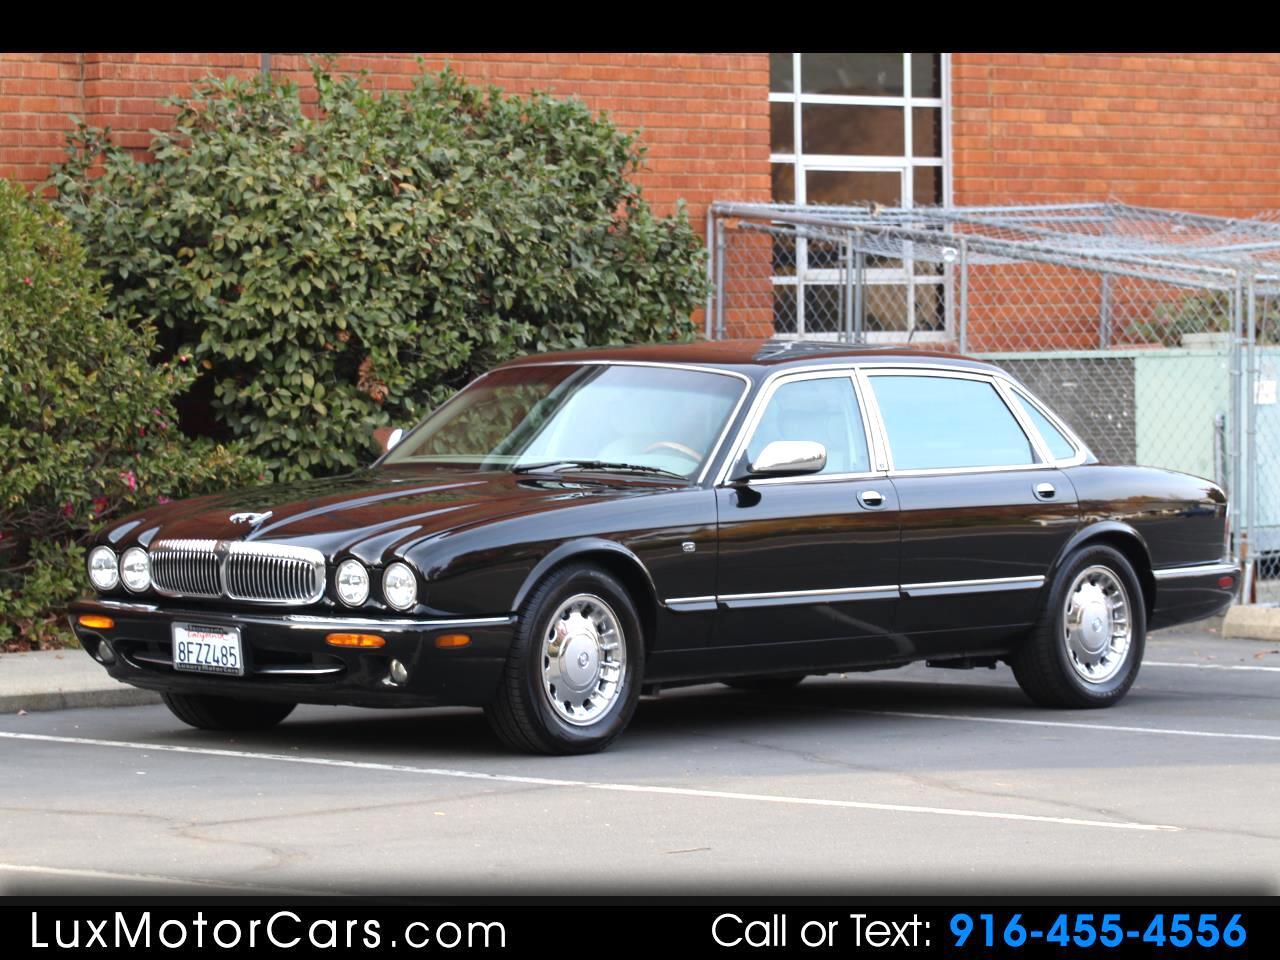 1998 Jaguar XJ Sedan Vanden Plas